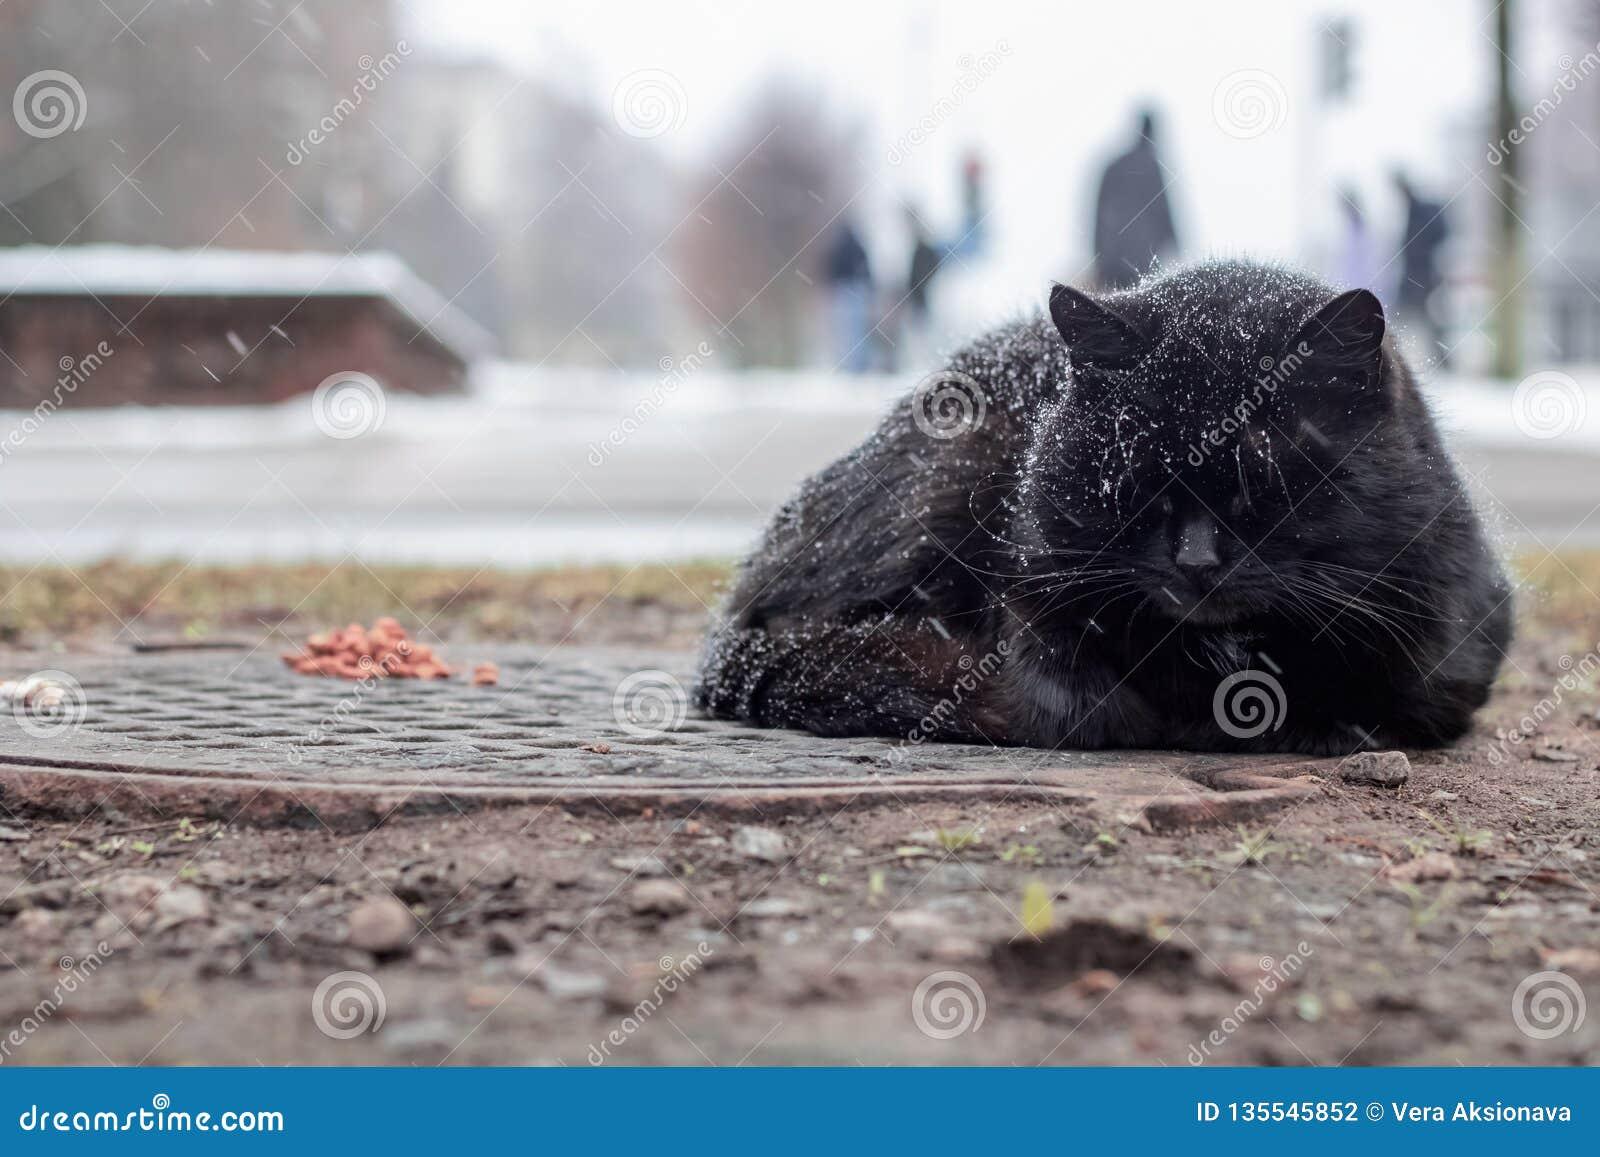 Obdachlose schwarze Katze, die unter dem Schnee schläft